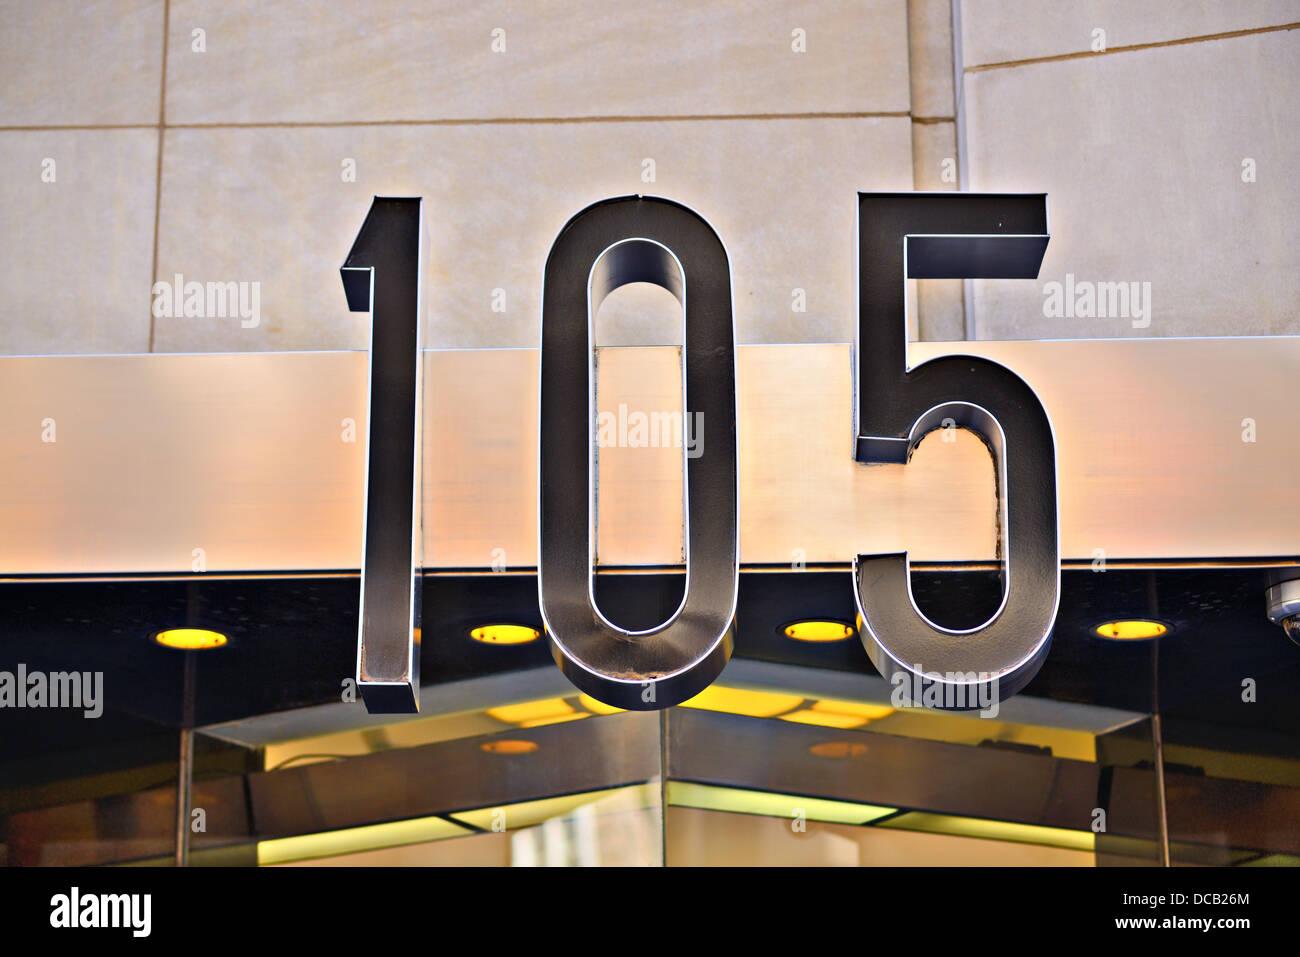 Edificio dirección número 105. Foto de stock